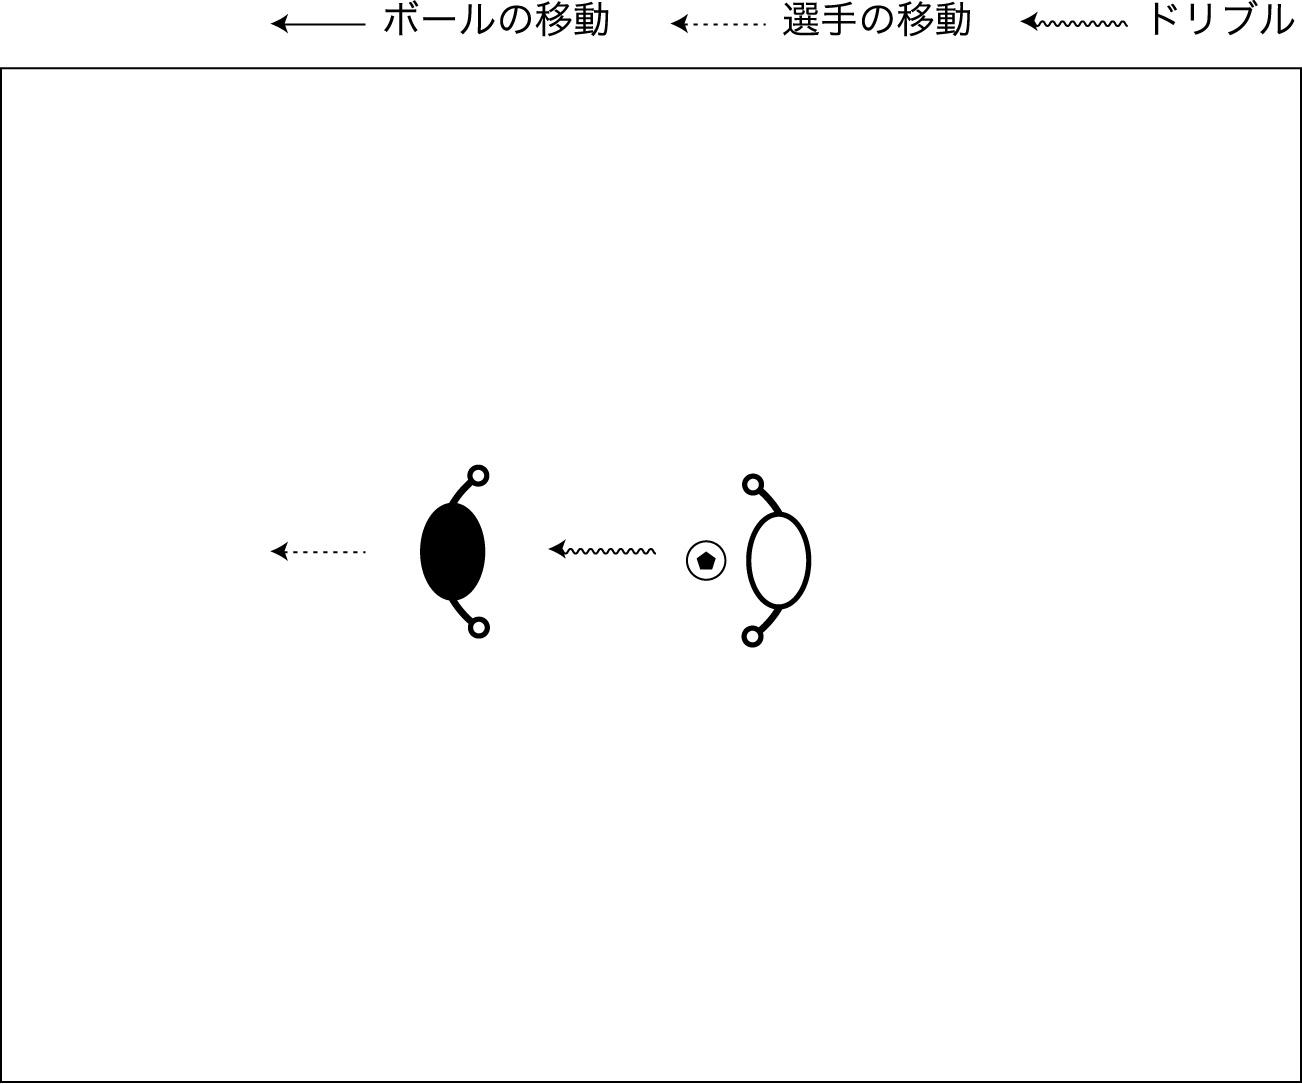 図解:ドッジング